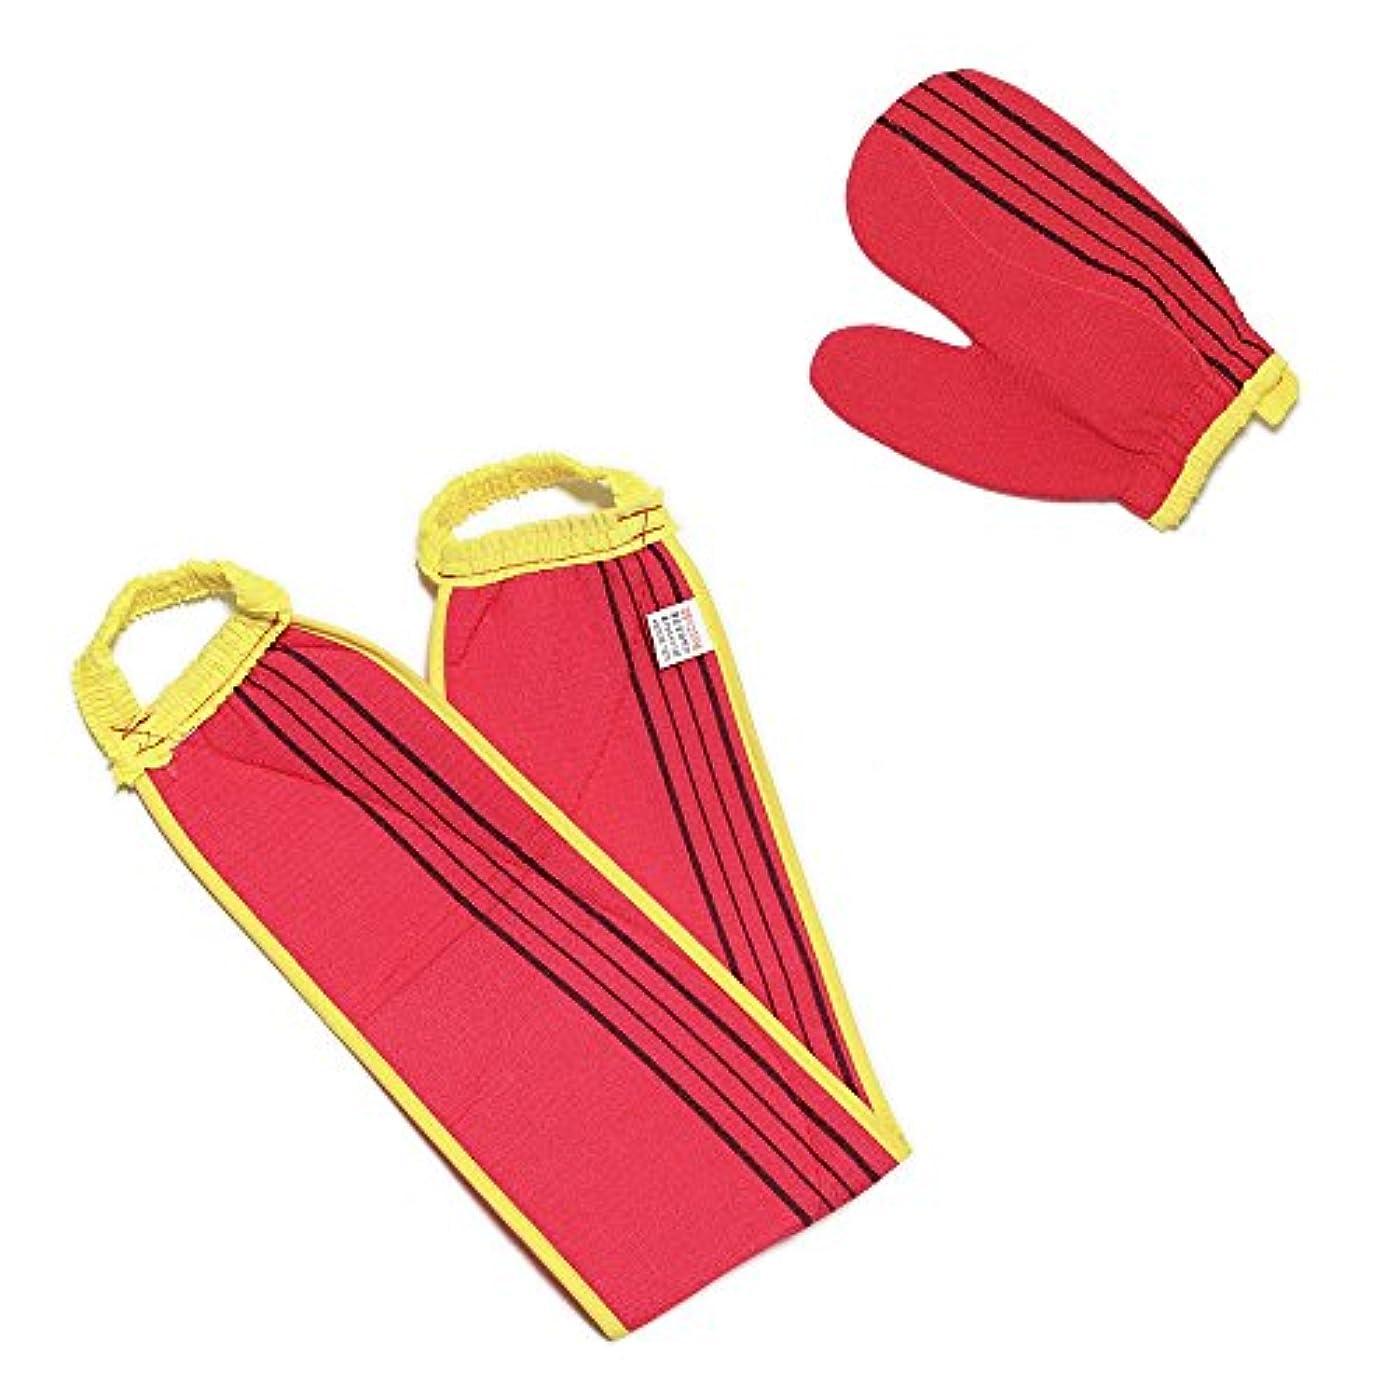 単調な広々確実(韓国ブランド) スポンジあかすりセット 全身あかすり 手袋と背中のあかすり 全身エステ 両面つばあかすり お風呂グッズ ボディタオル ボディースポンジ (赤色セット)